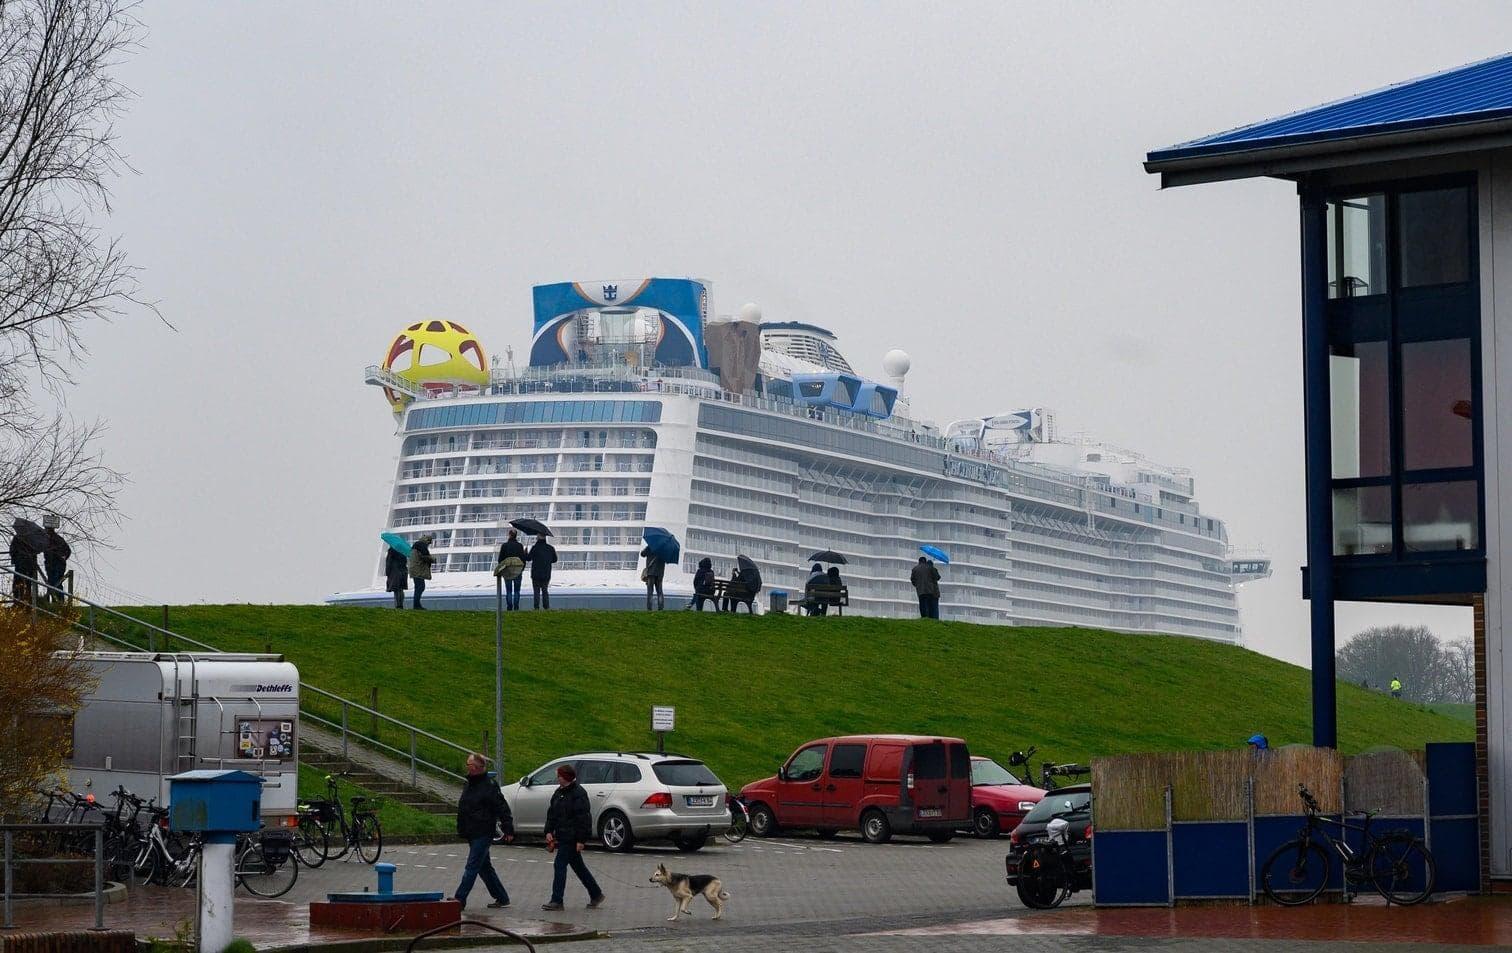 <p>An Bord gibt es reichlich Vergnügungsmöglichkeiten.</p> Foto: dpa/Christophe Gateau